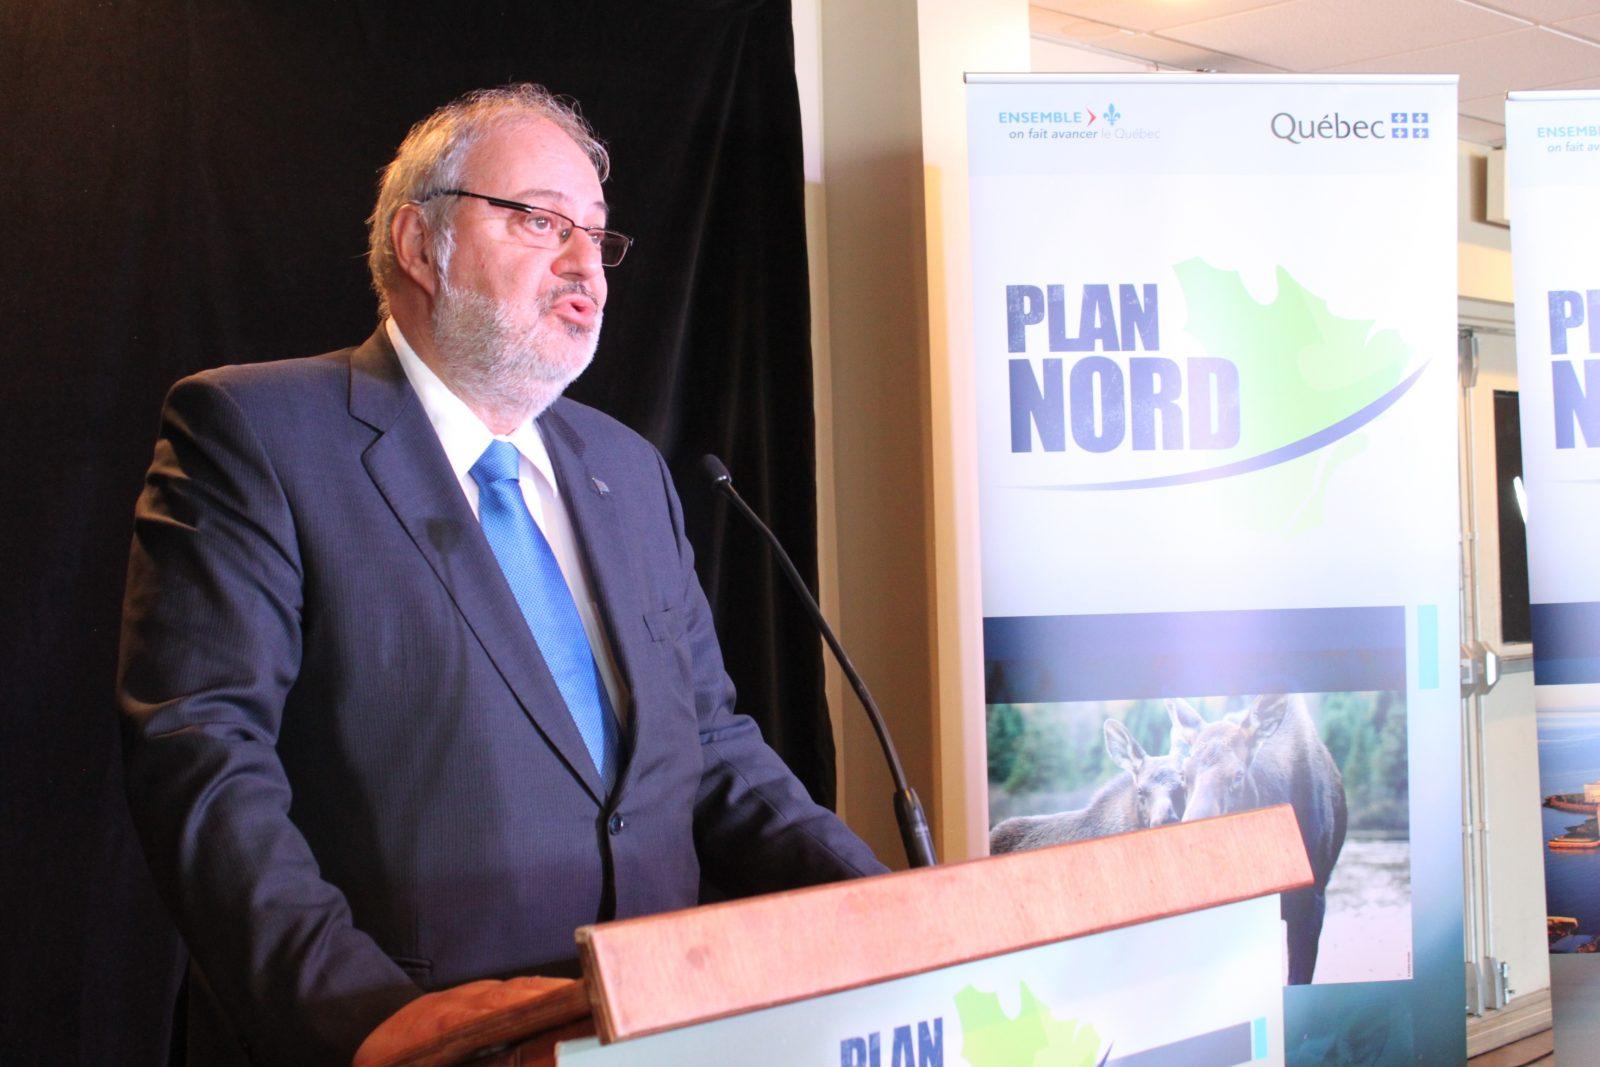 Entrevue avec Pierre Arcand: «On va continuer d'appuyer le gaz naturel»